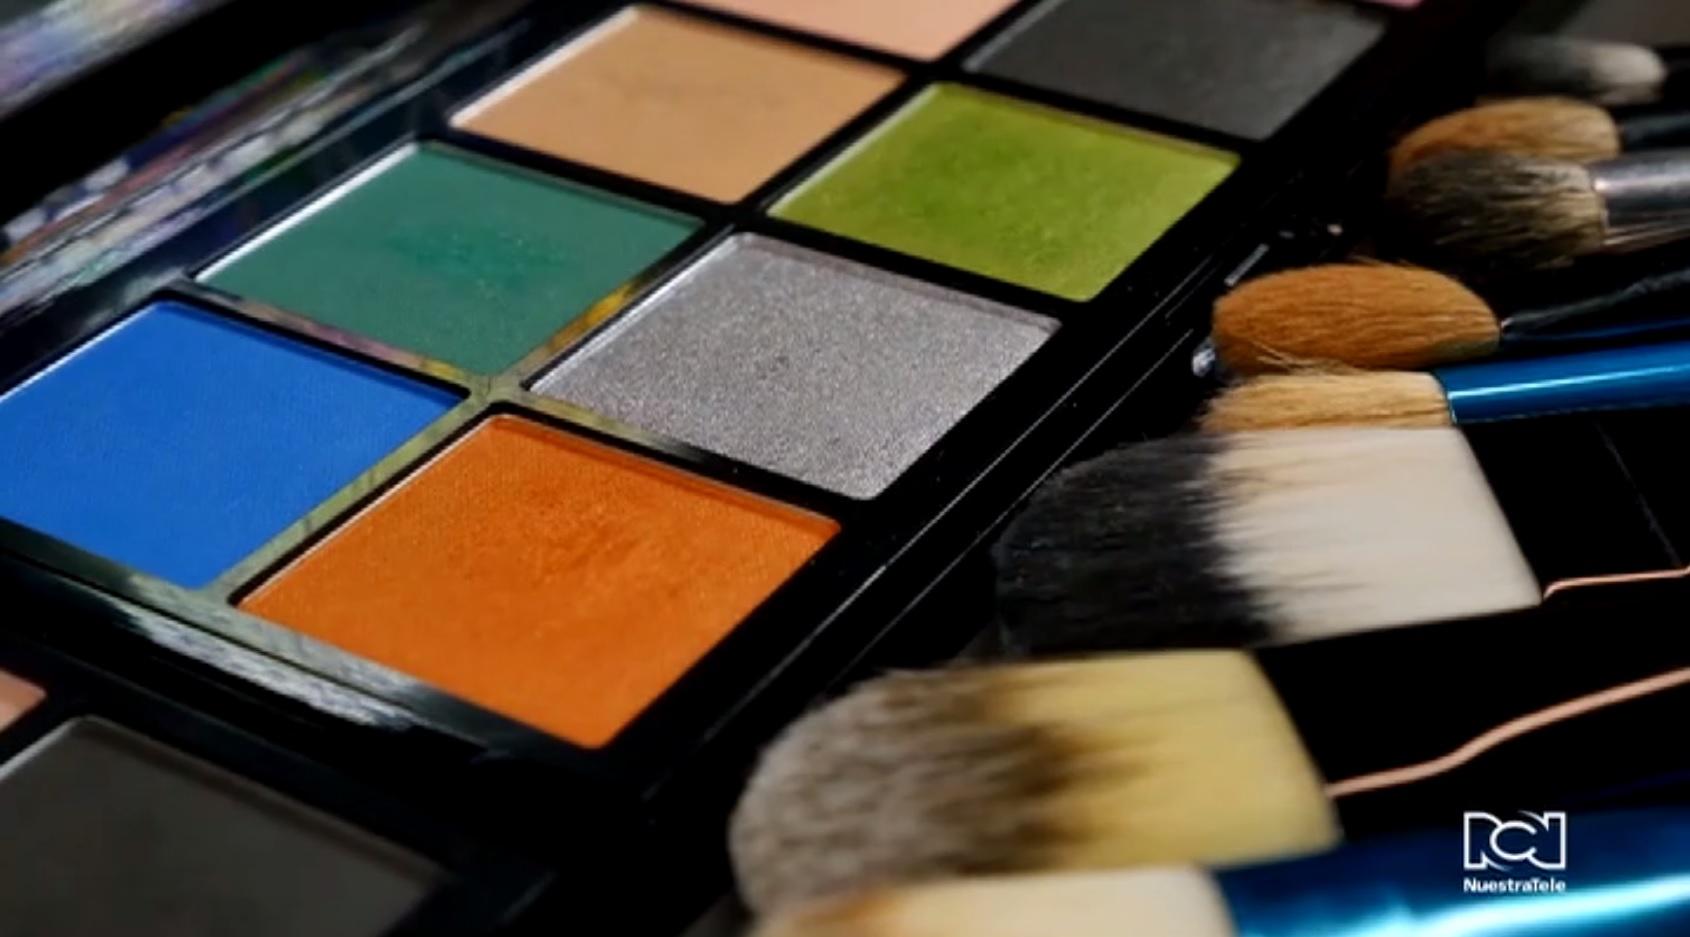 Recomendaciones para un buen maquillaje en Navidad según la última tendencia